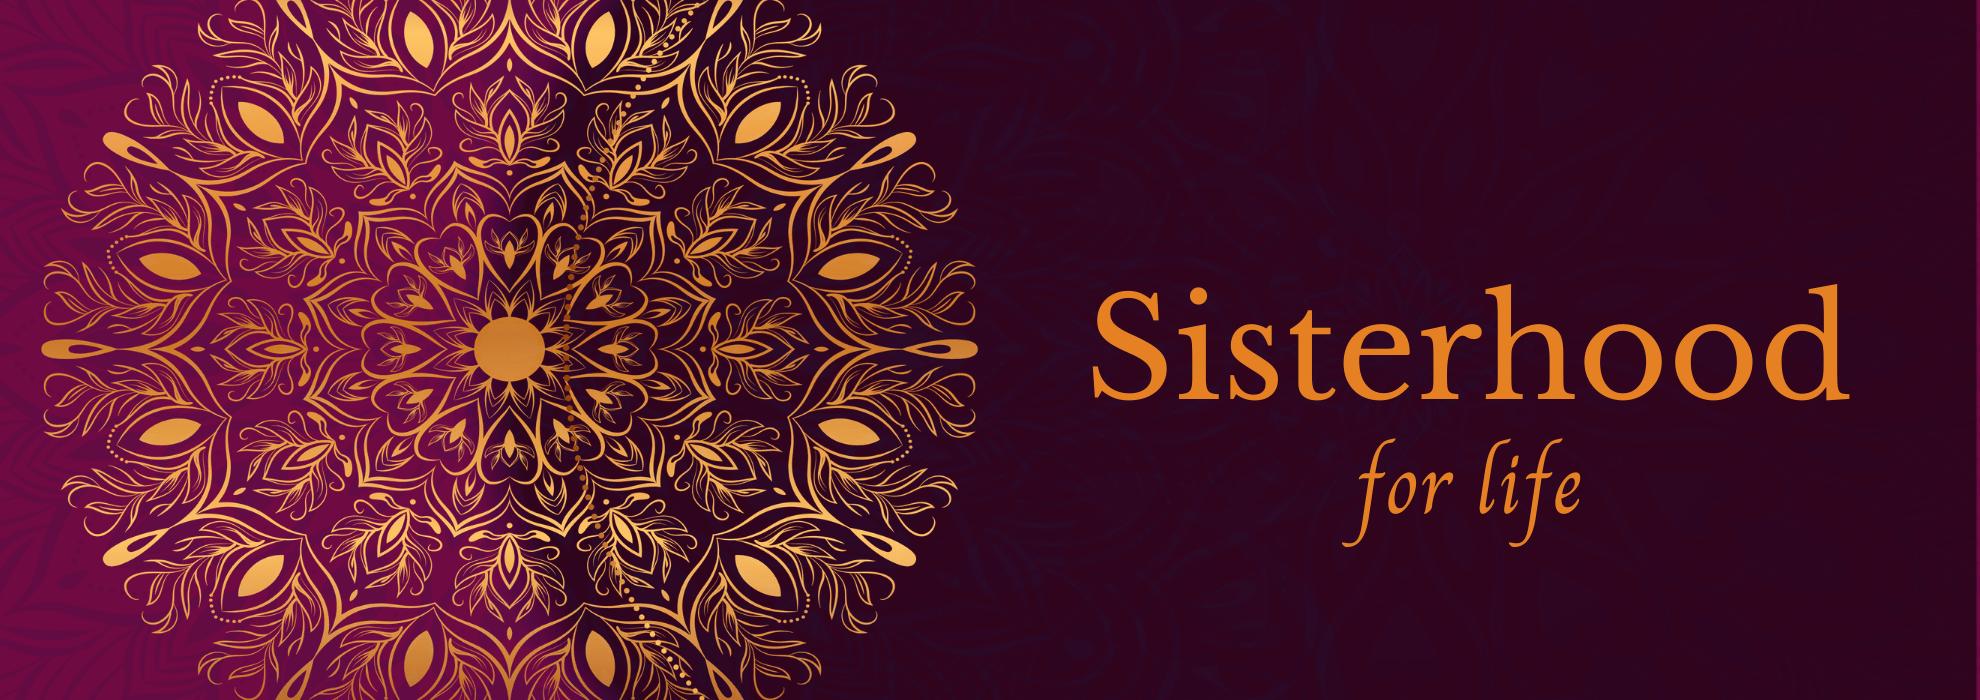 Sisterhood for life